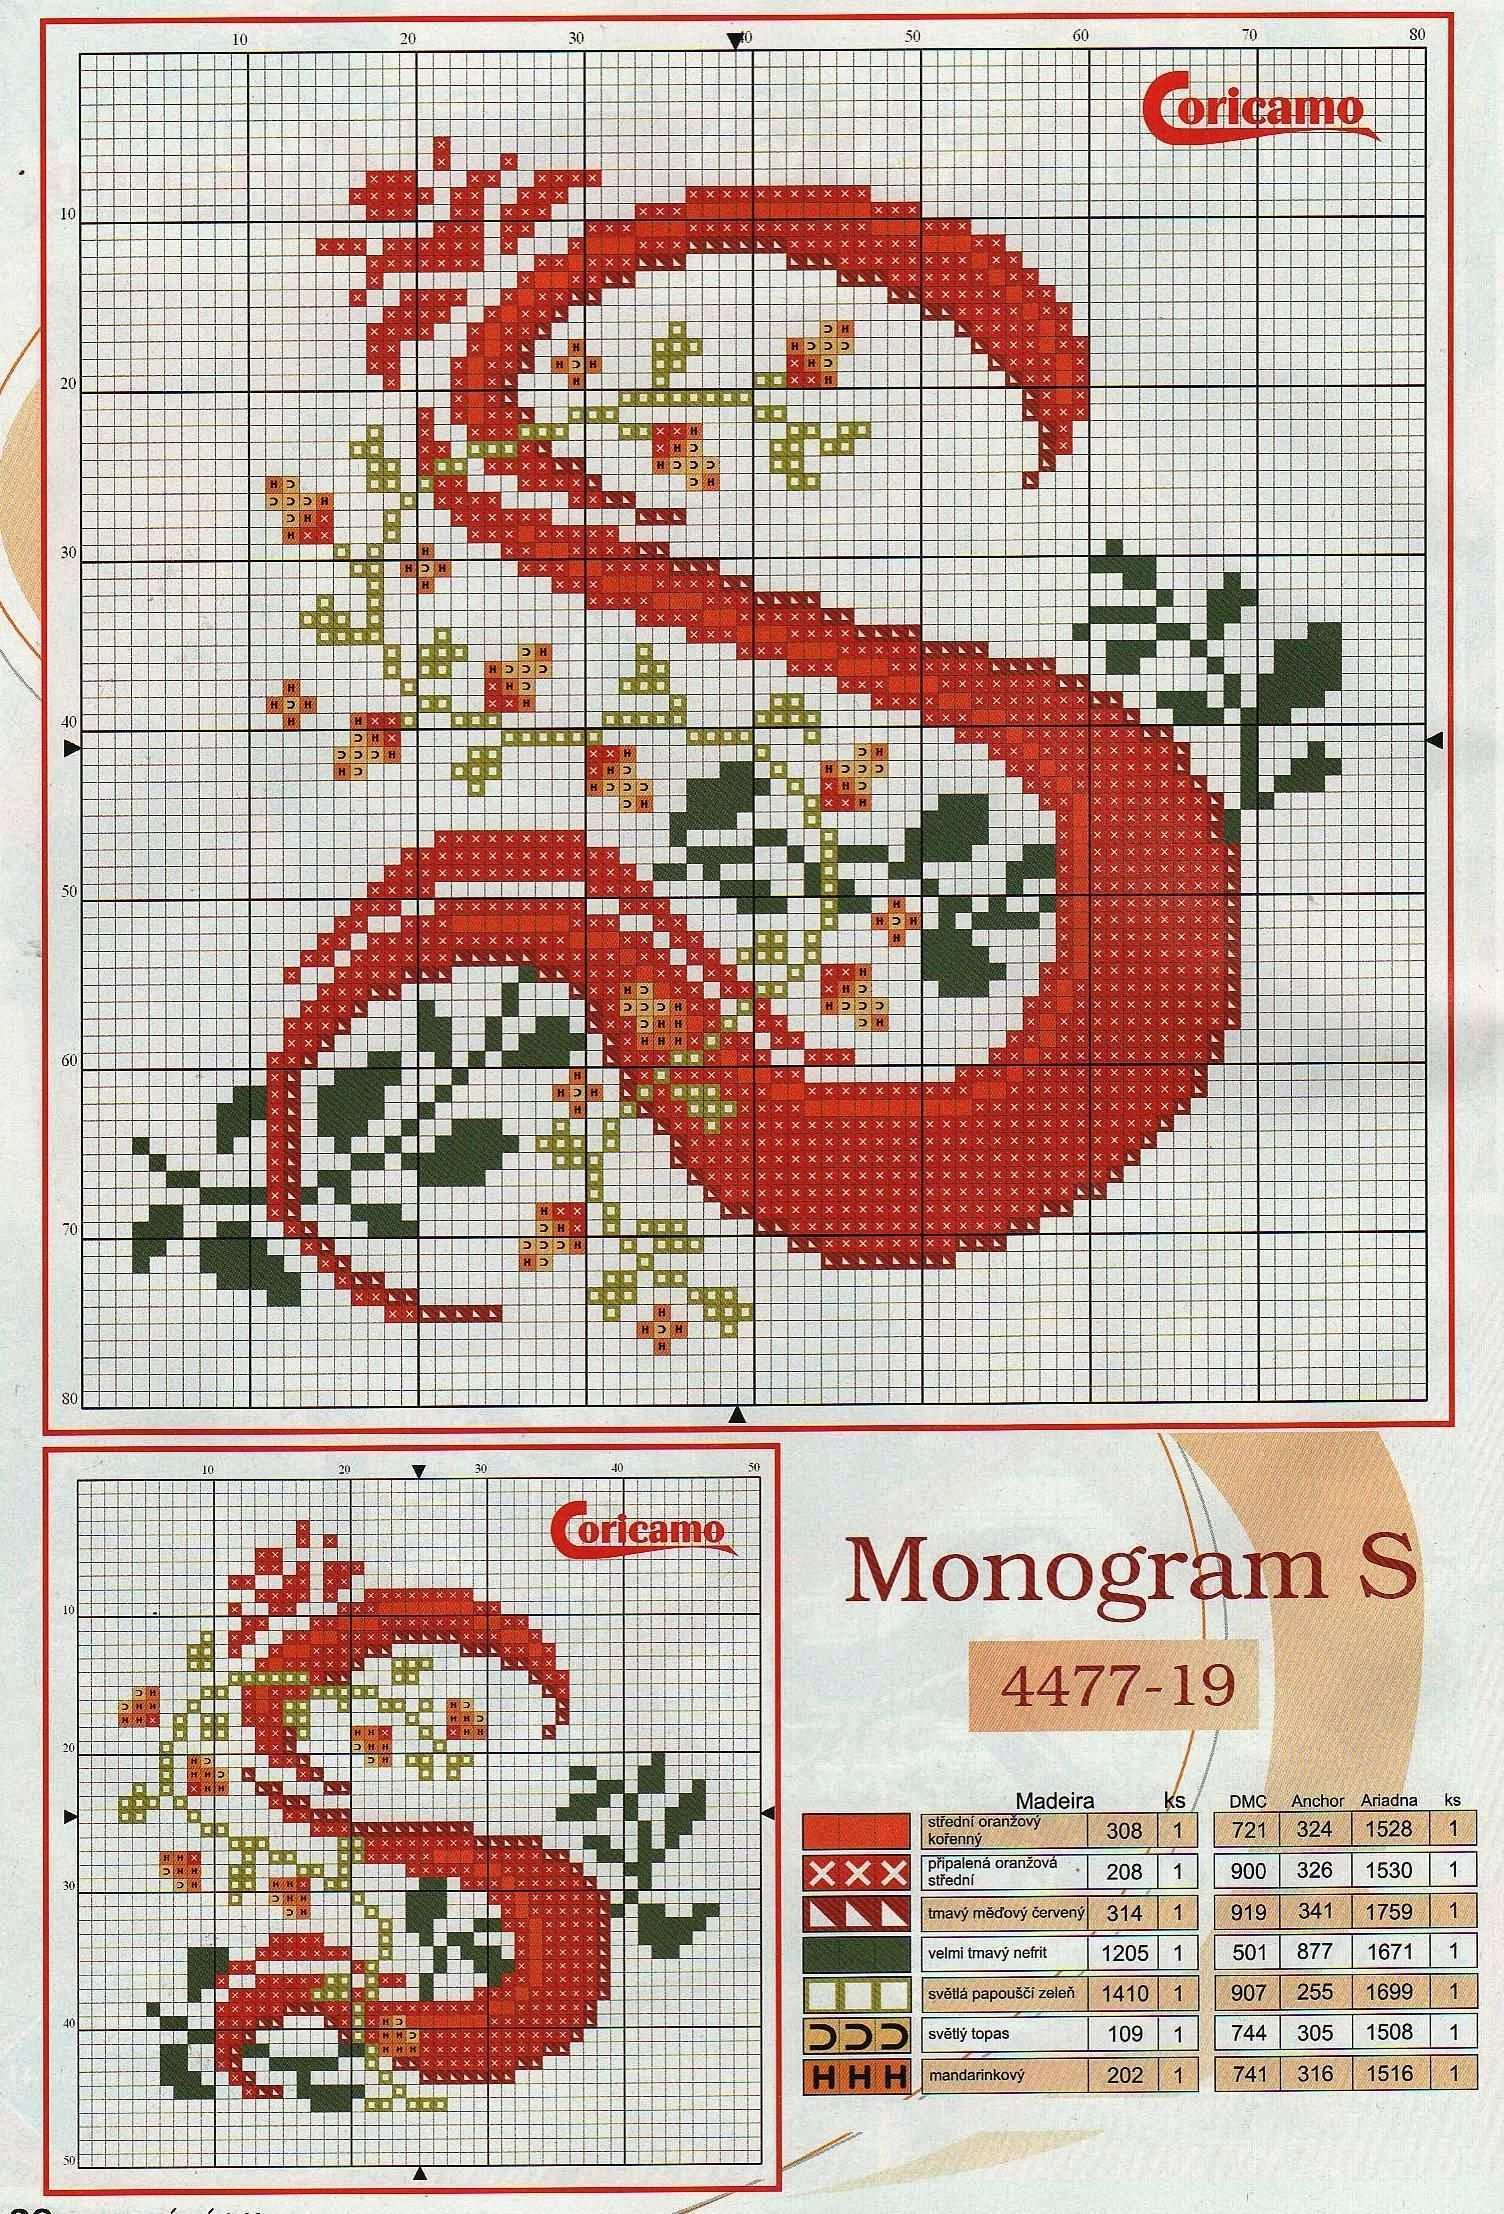 Monogramm S Kreuzstichschrift Kreuzstichbuchstaben Monogramm Kreuzstich